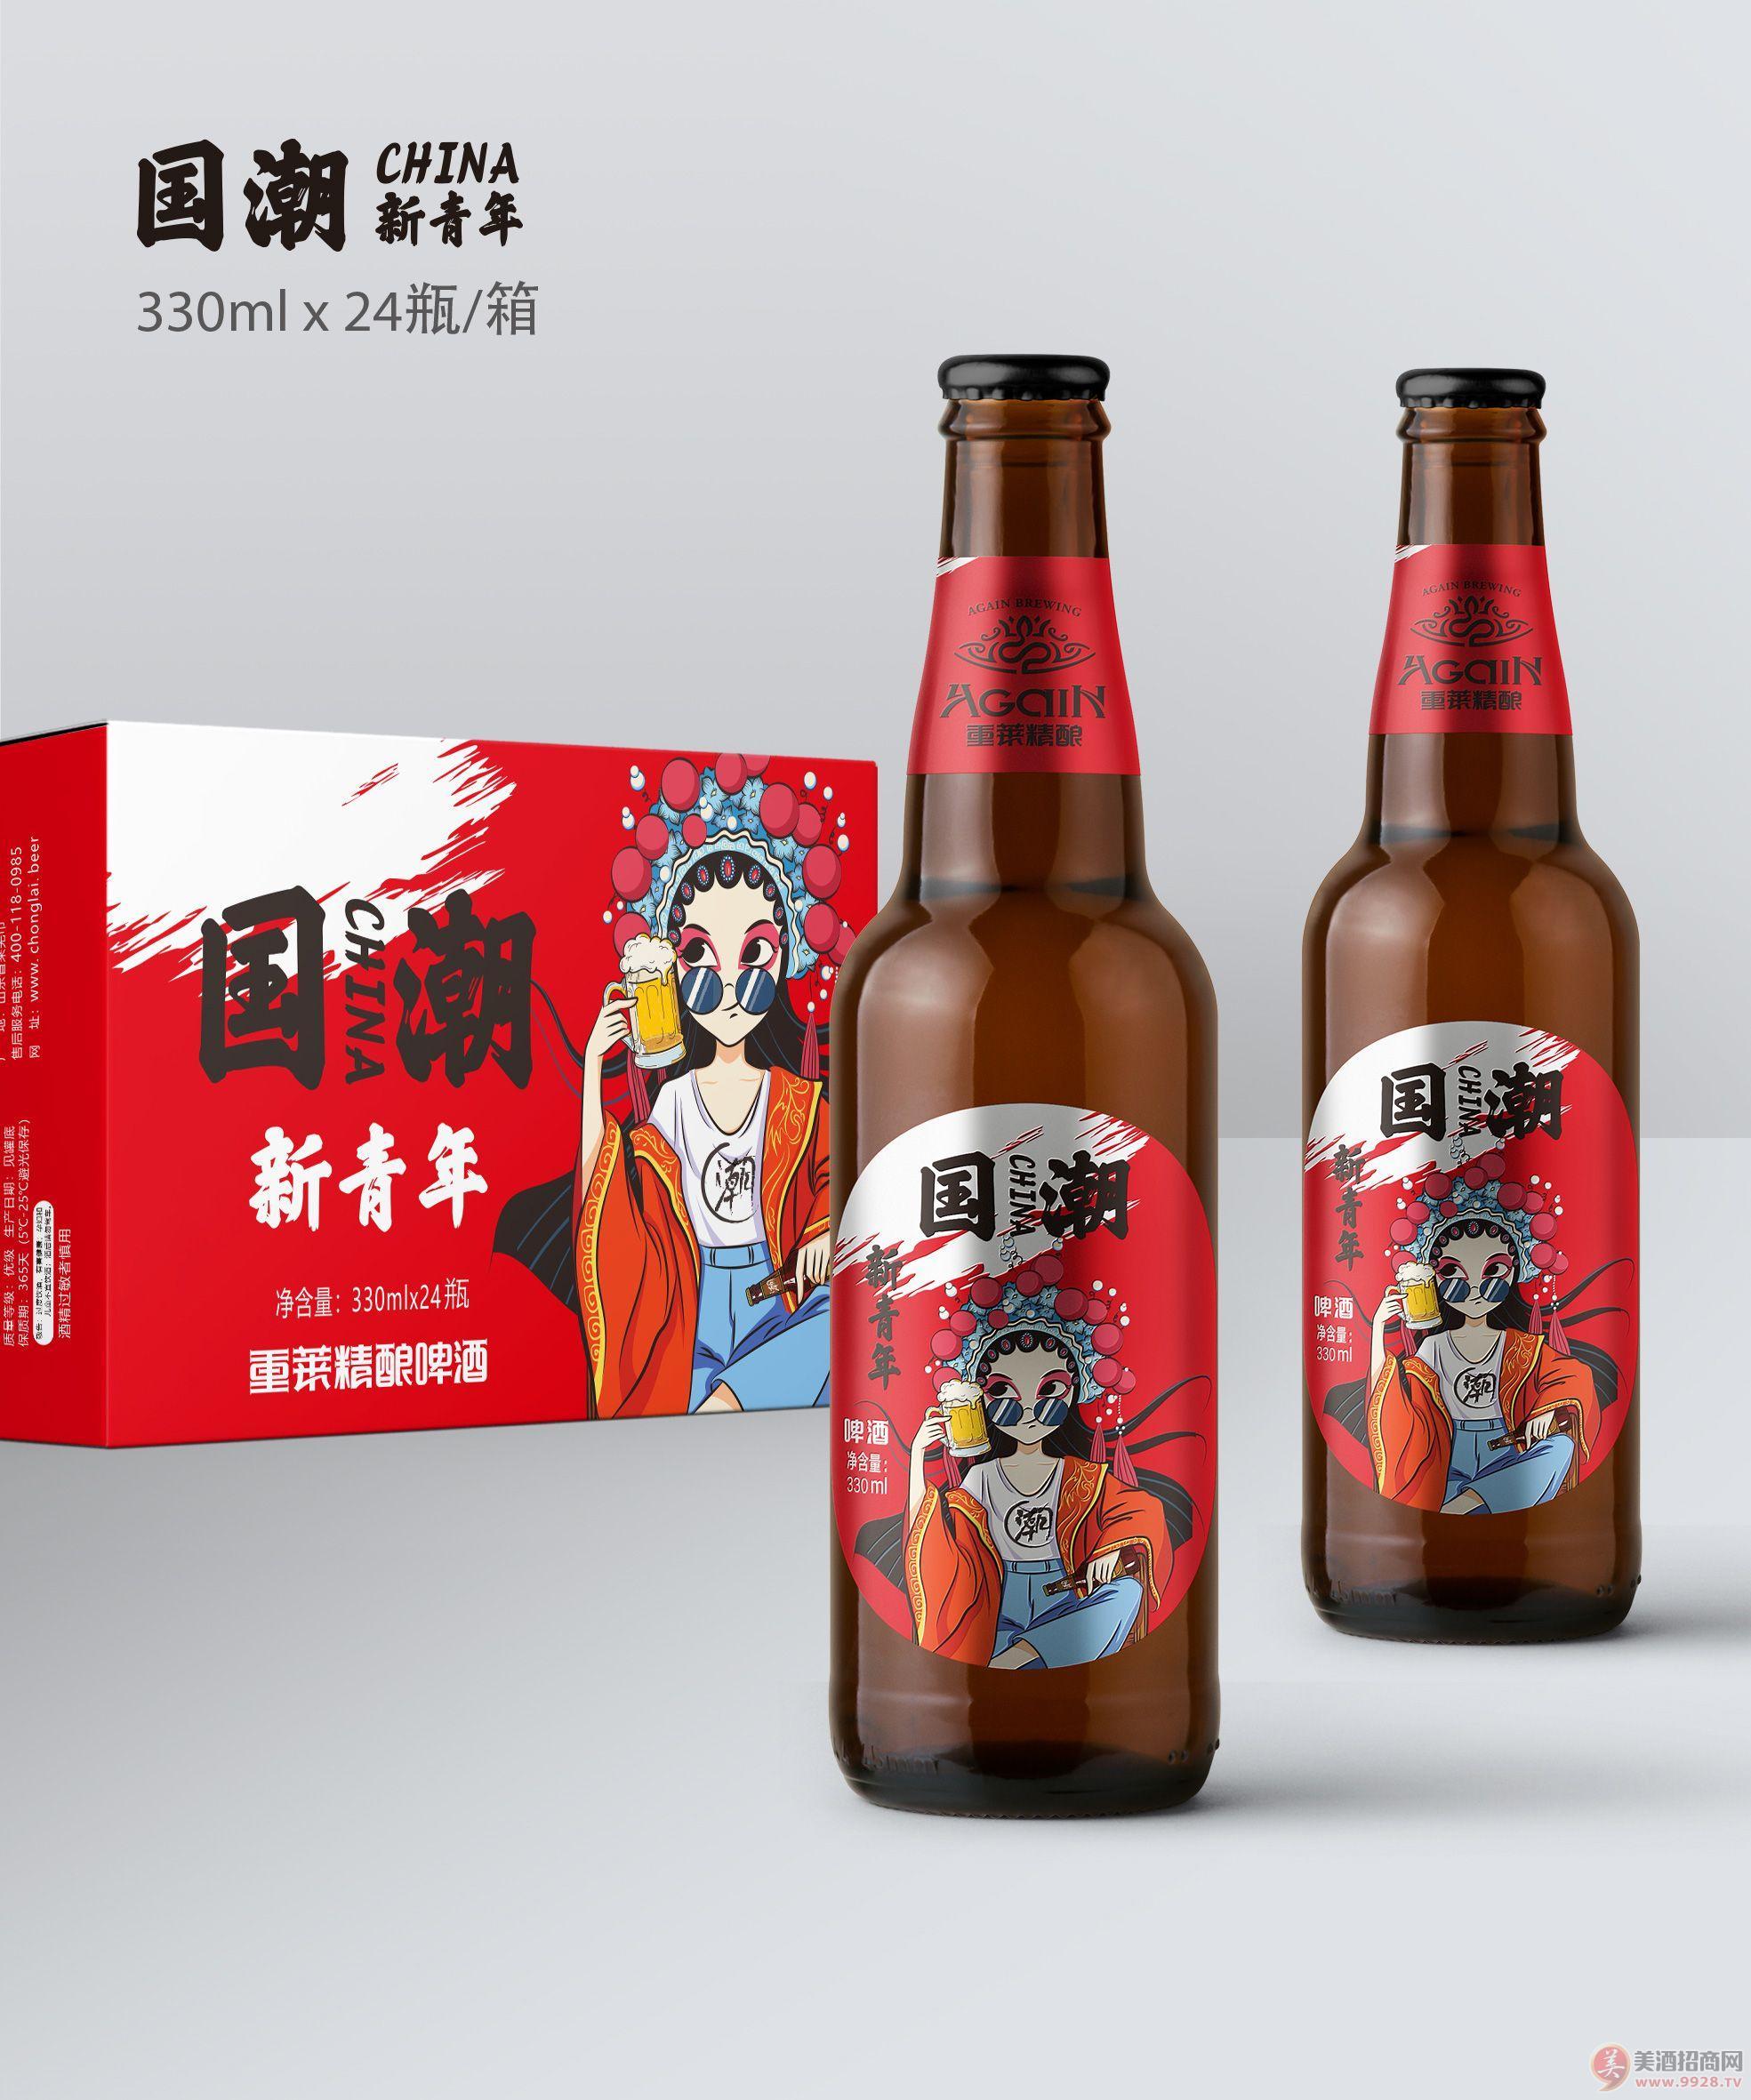 精酿啤酒 精酿啤酒代理国潮啤酒